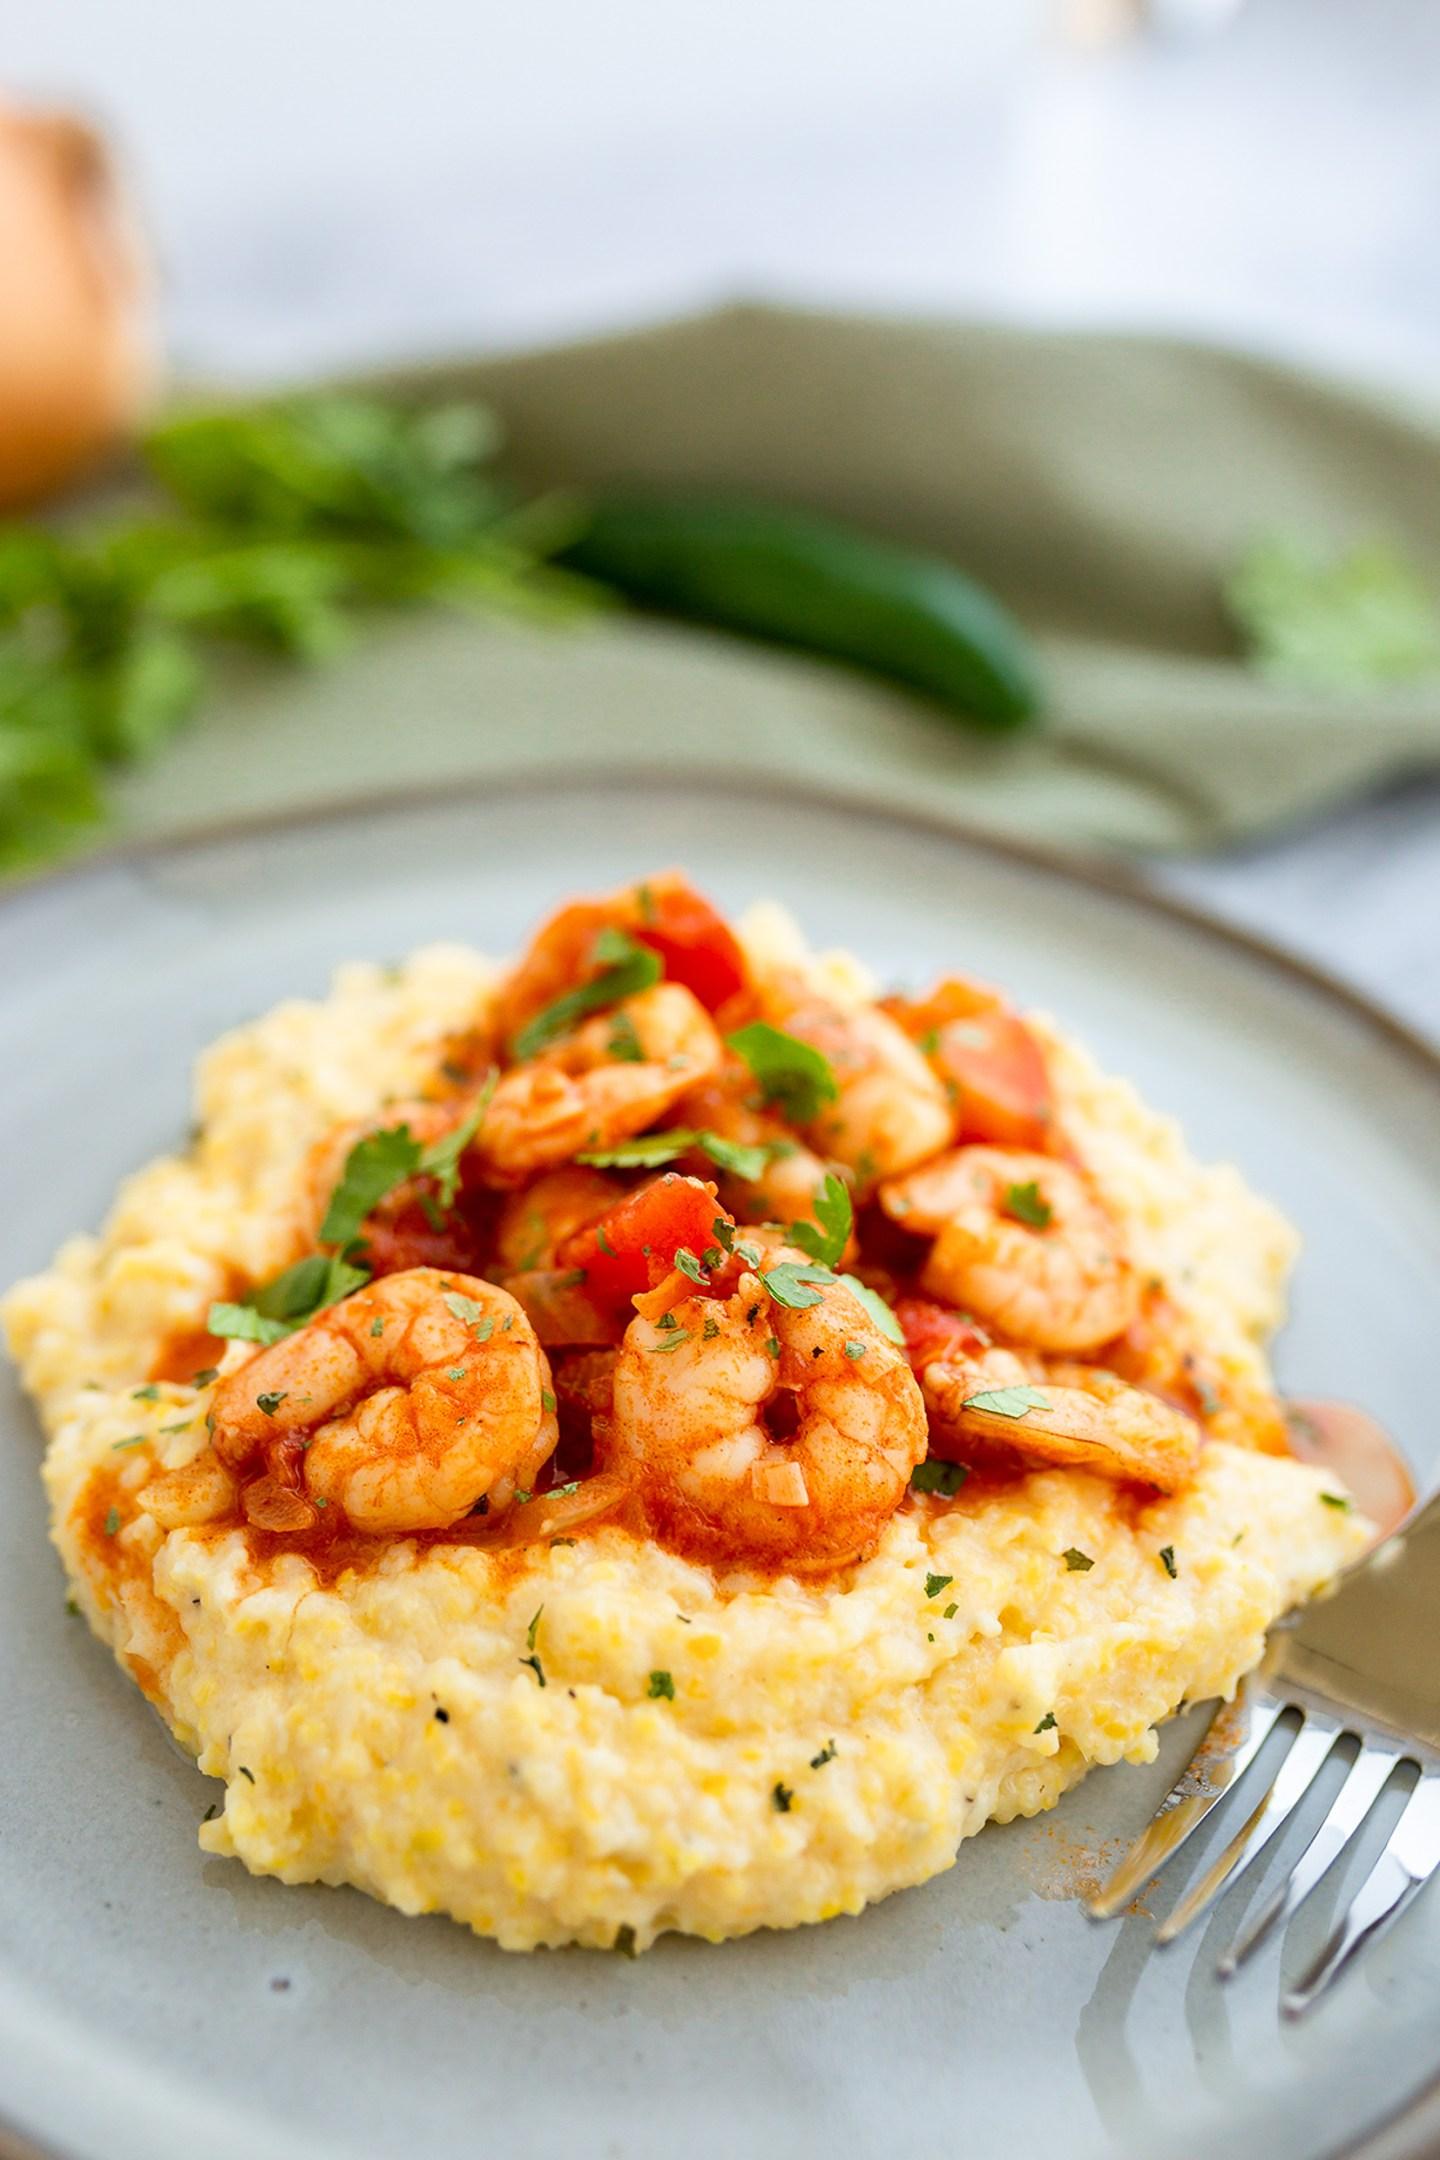 Cheesy Polenta and shrimp recipe